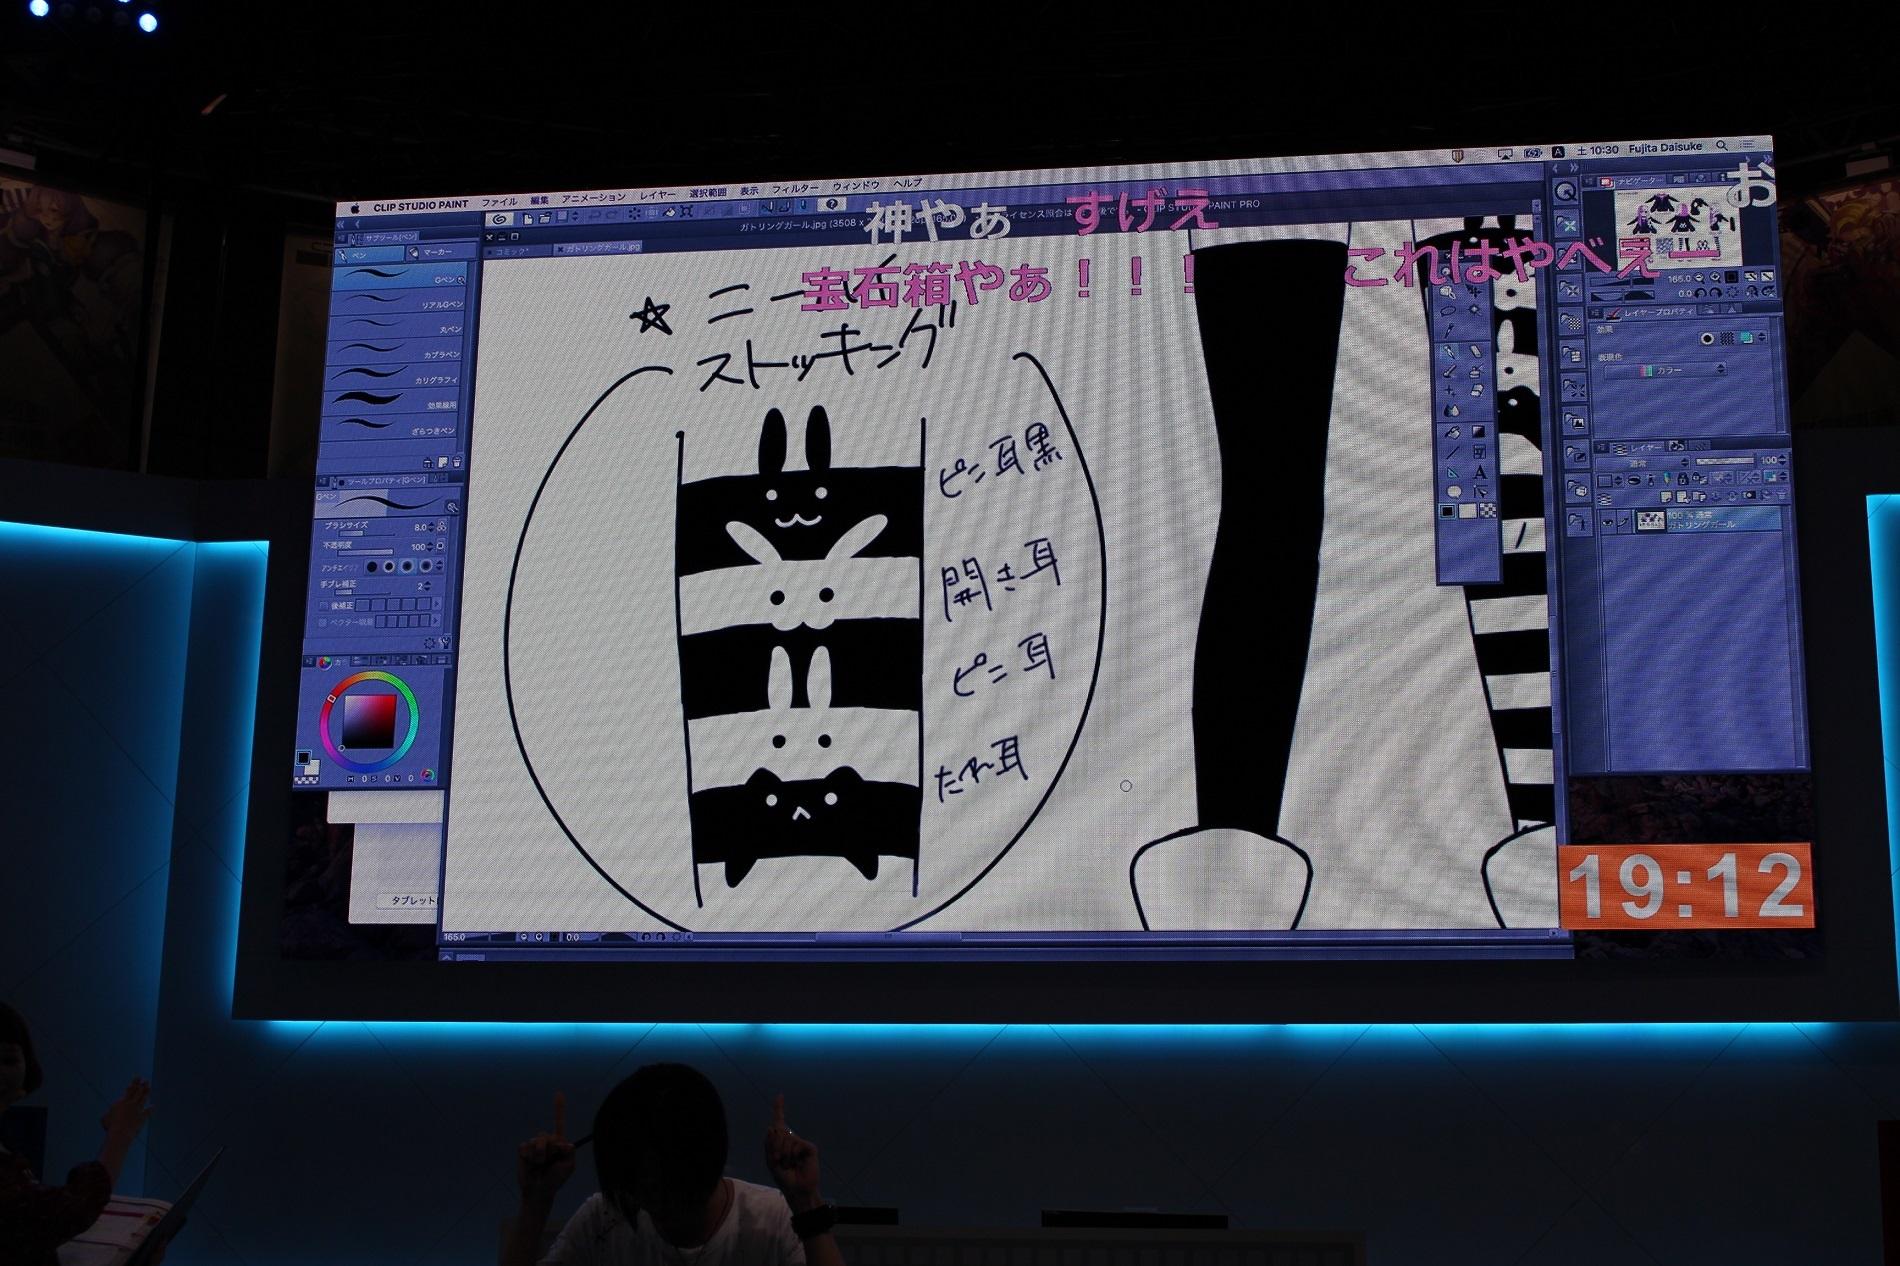 【更新版】超「#コンパス」ステージで超会議メグメグを即興でライブペイント!【ニコニコ超会議2018】